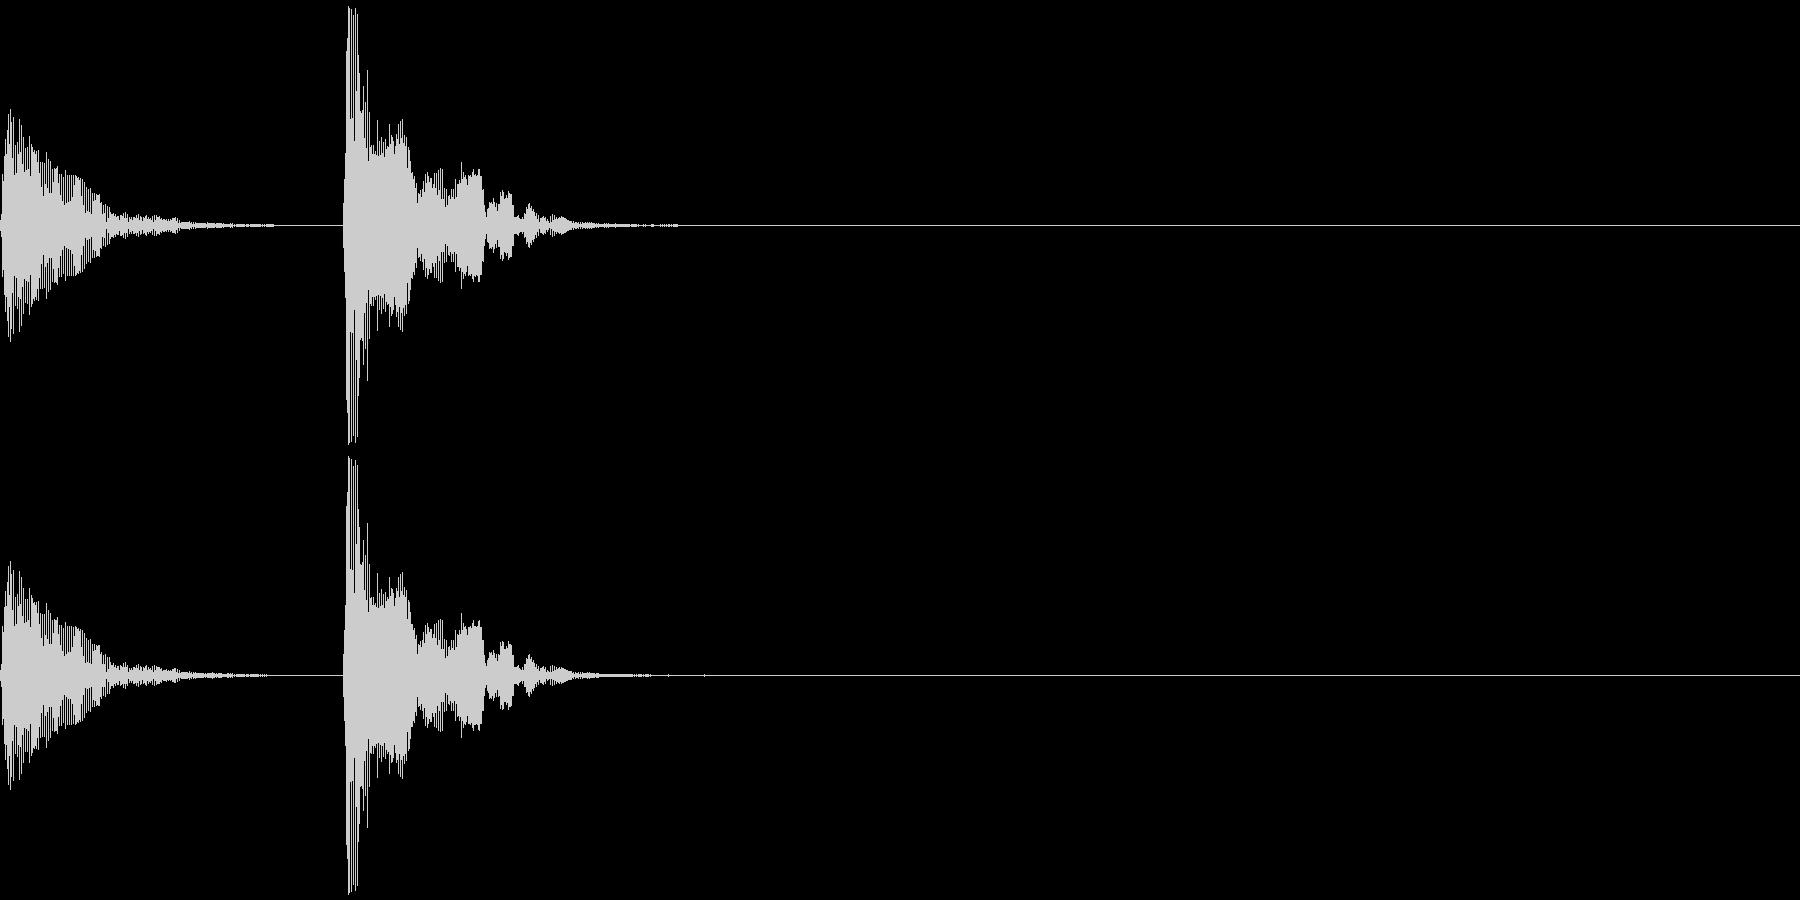 和楽器・鼓(つづみ)のポン_ポン1の未再生の波形